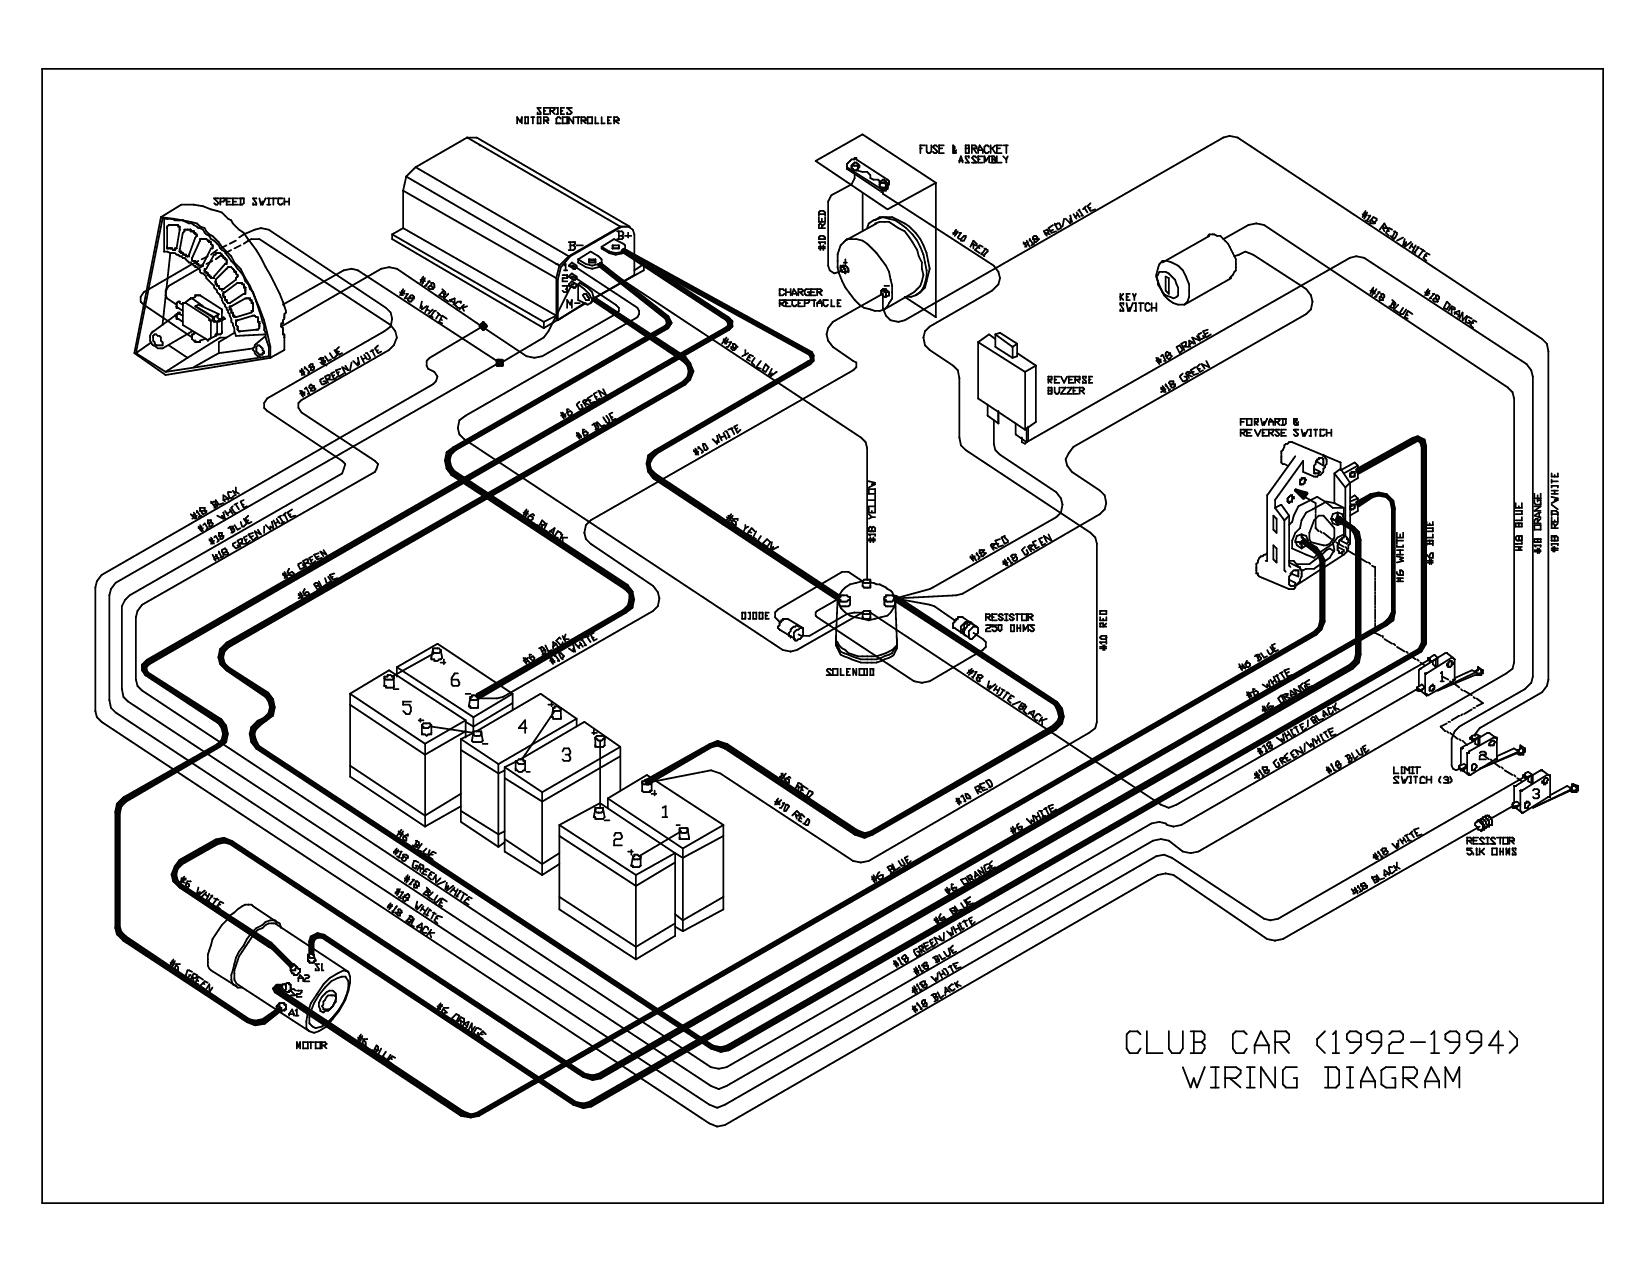 แผนผังการเดินสายไฟรถยนต์ของสโมสร 36 โวลต์